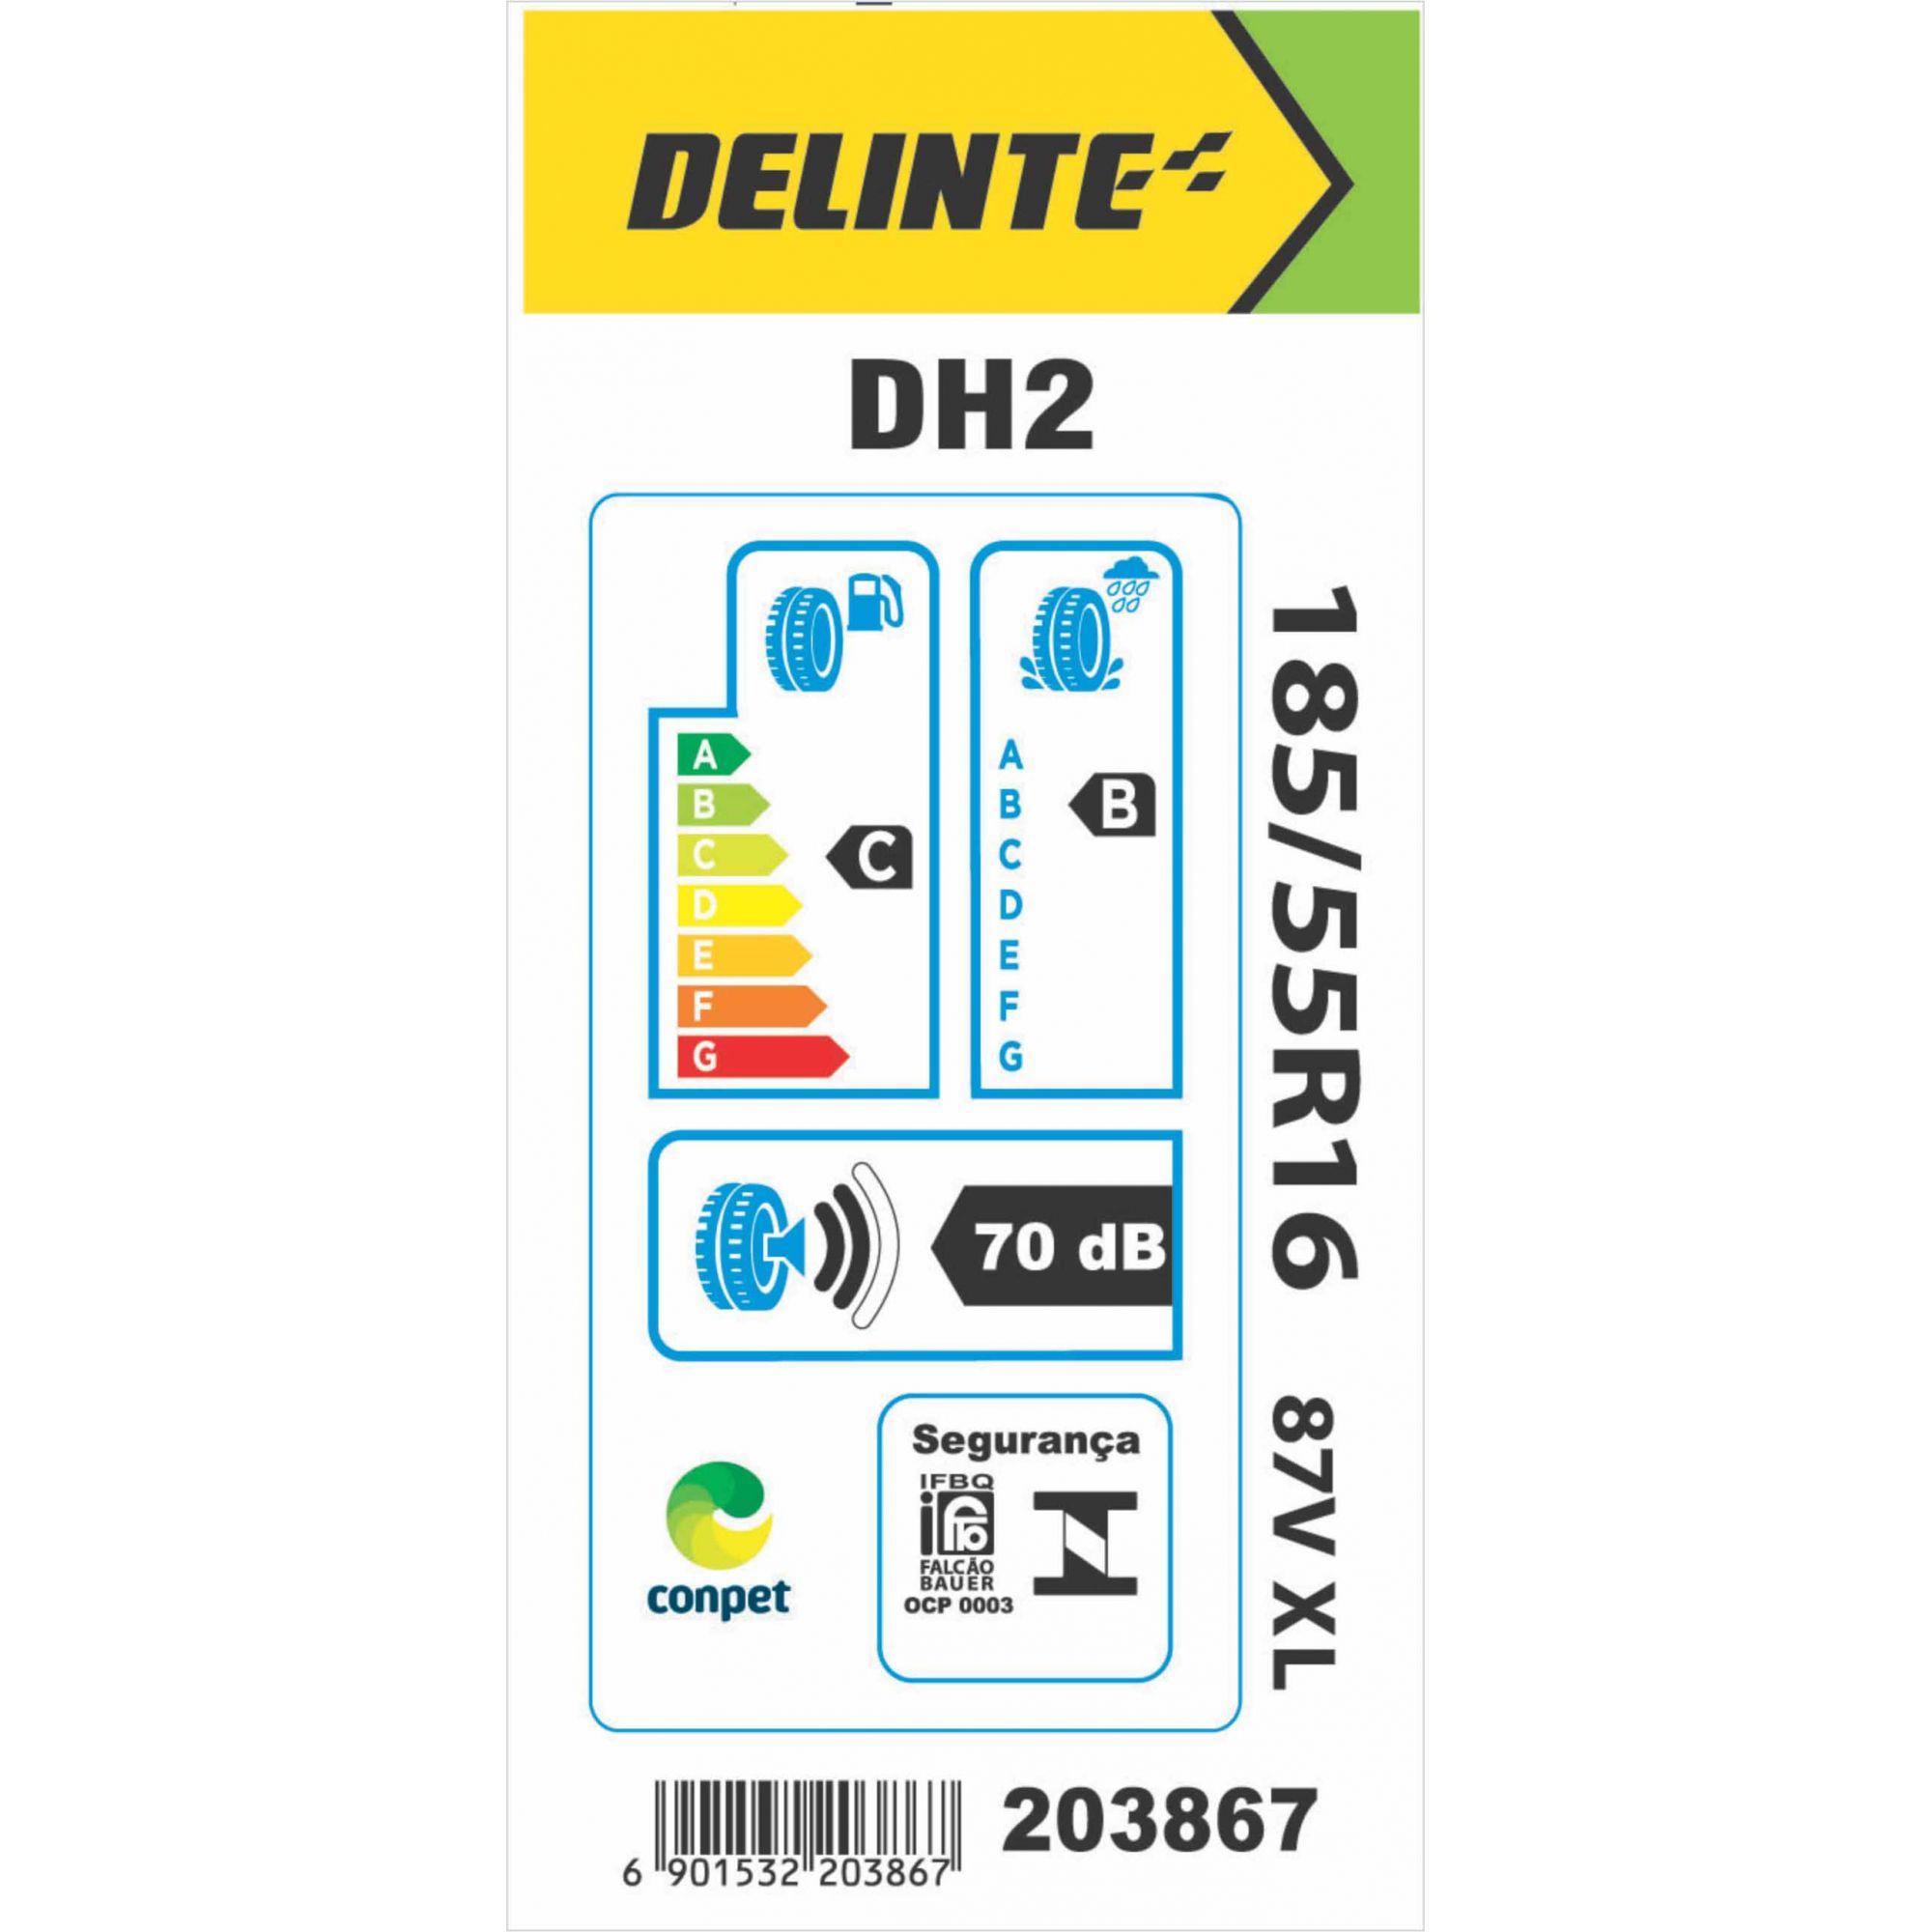 Pneu 185/55R16 Delinte DH2 87V